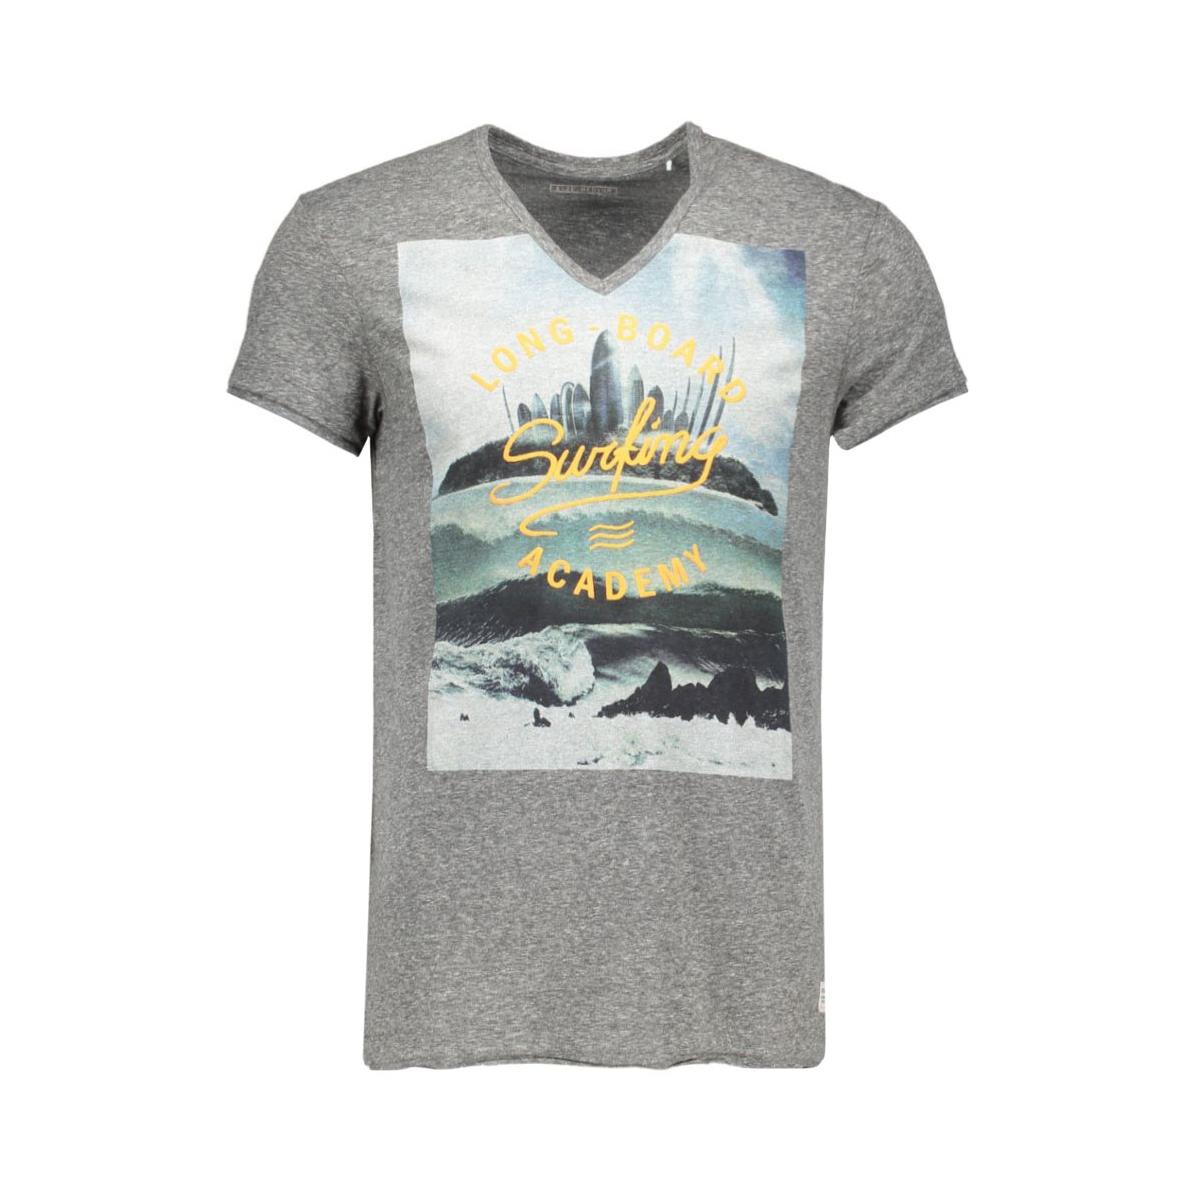 066cc2k026 edc t-shirt c035